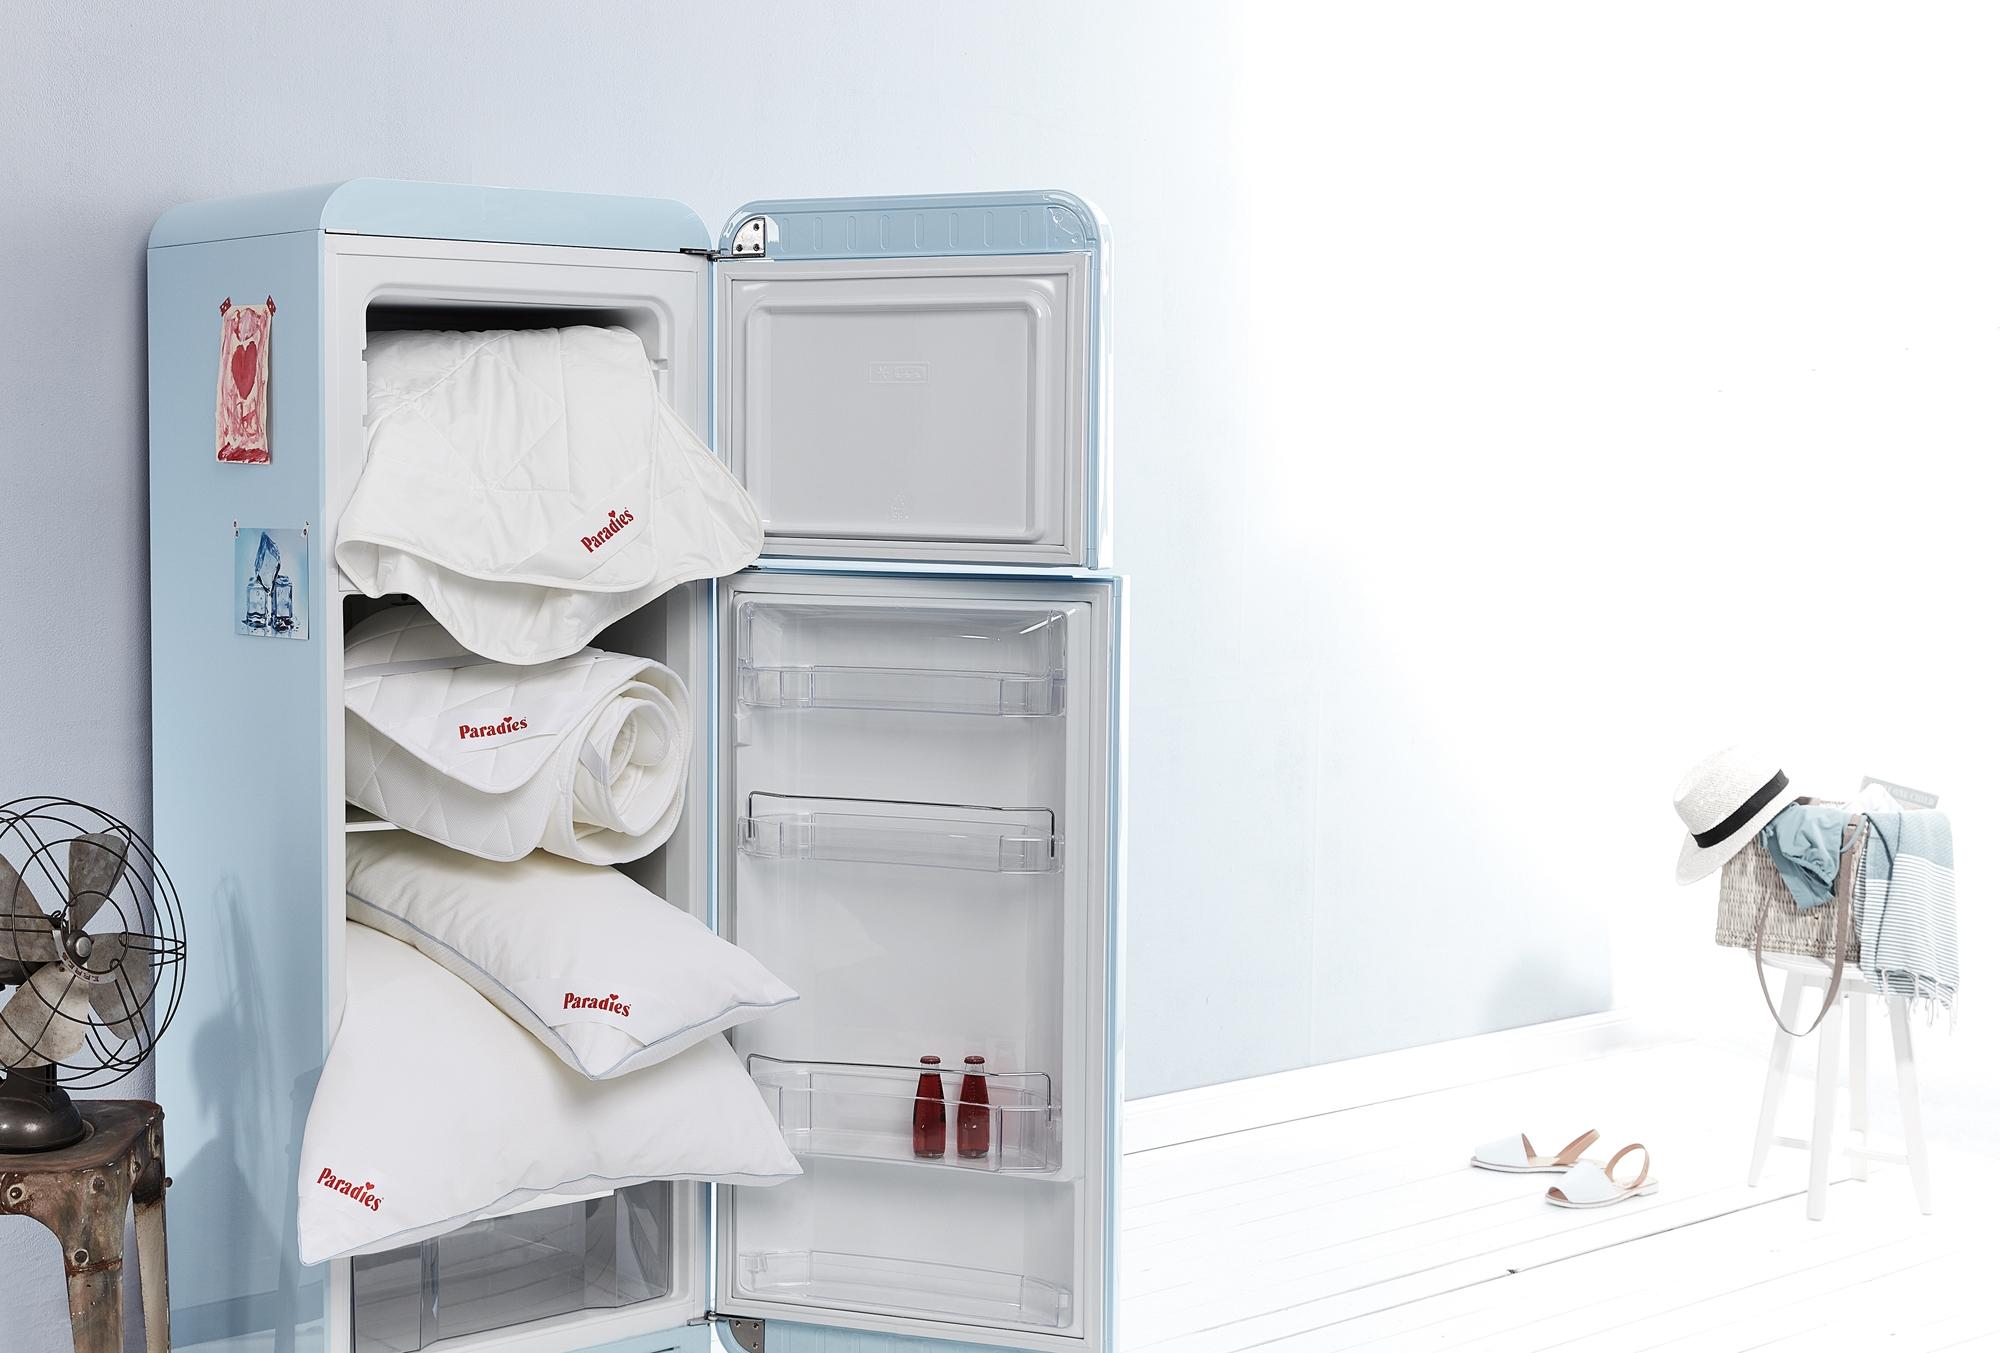 """Wie frisch aus dem Kühlschrank: Die innovative Bettwaren-Produktserie """"Cool Comfort"""" sichert in warmen Sommernächten herrlich aktiv kühlenden Schlaf. Foto: epr/Paradies GmbH"""